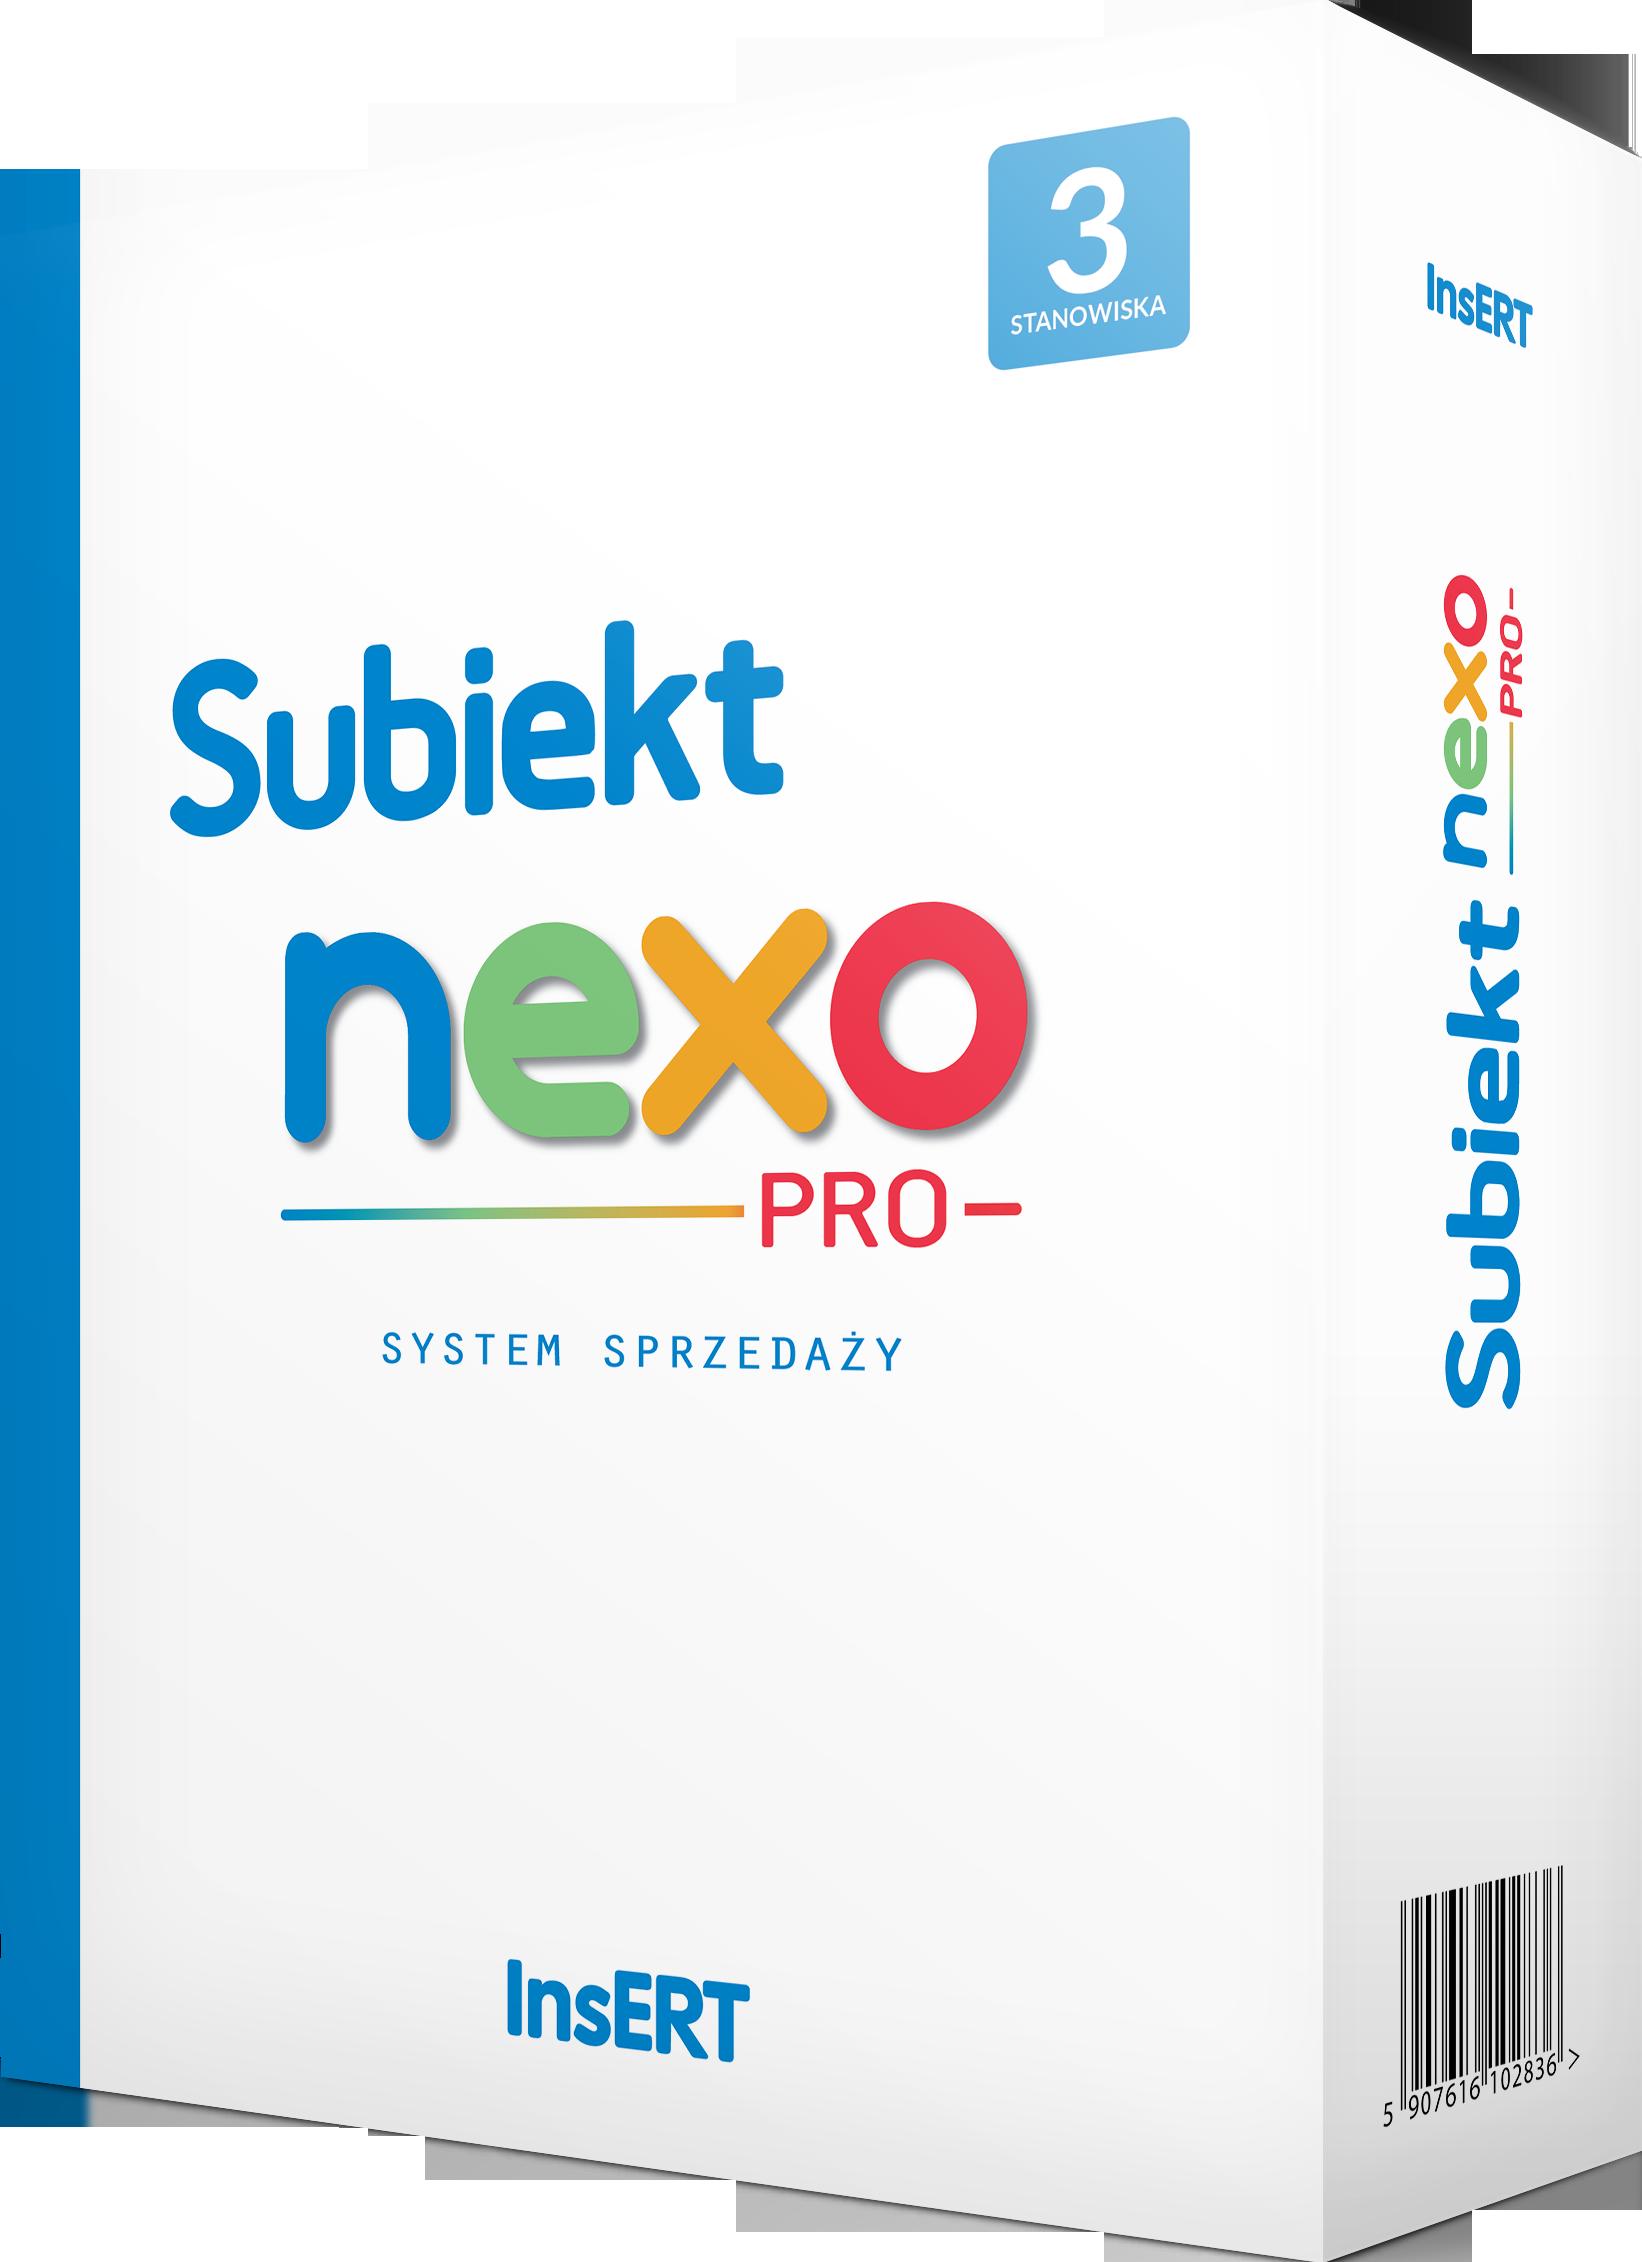 Subiekt_nexo_PRO_3_stanowiska_pudelko.png